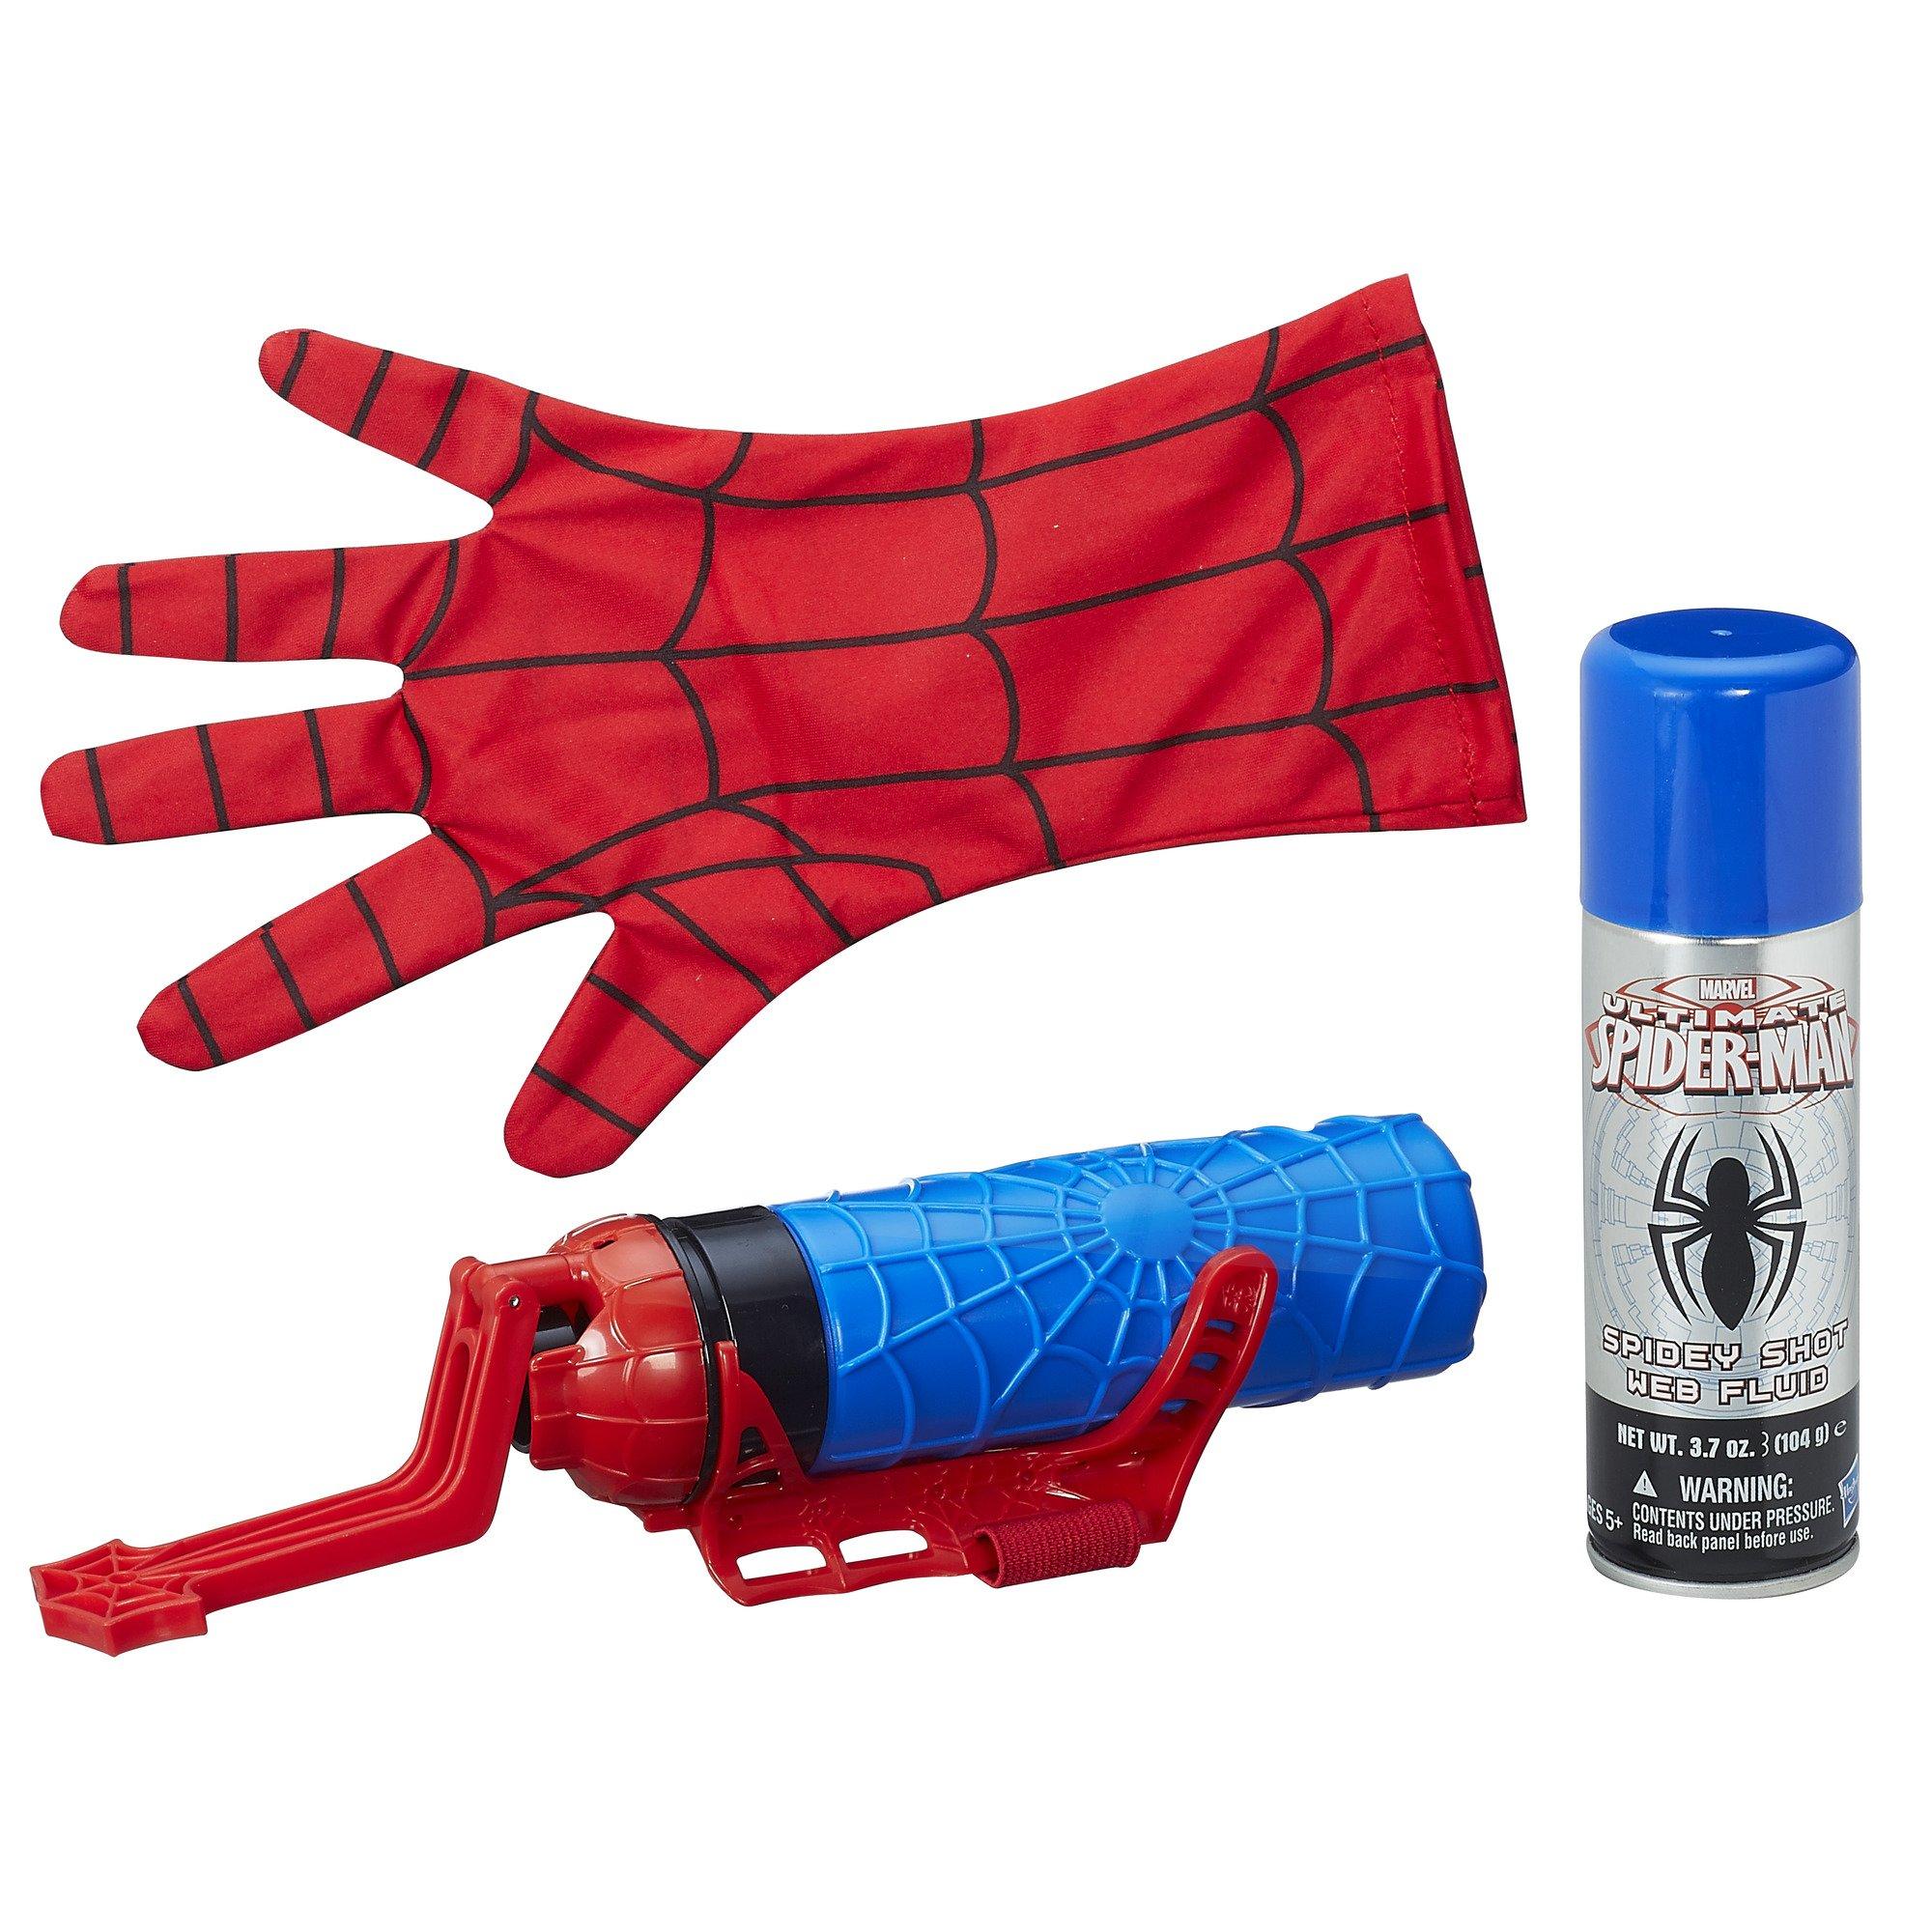 Spider-Man Marvel Super Web Slinger